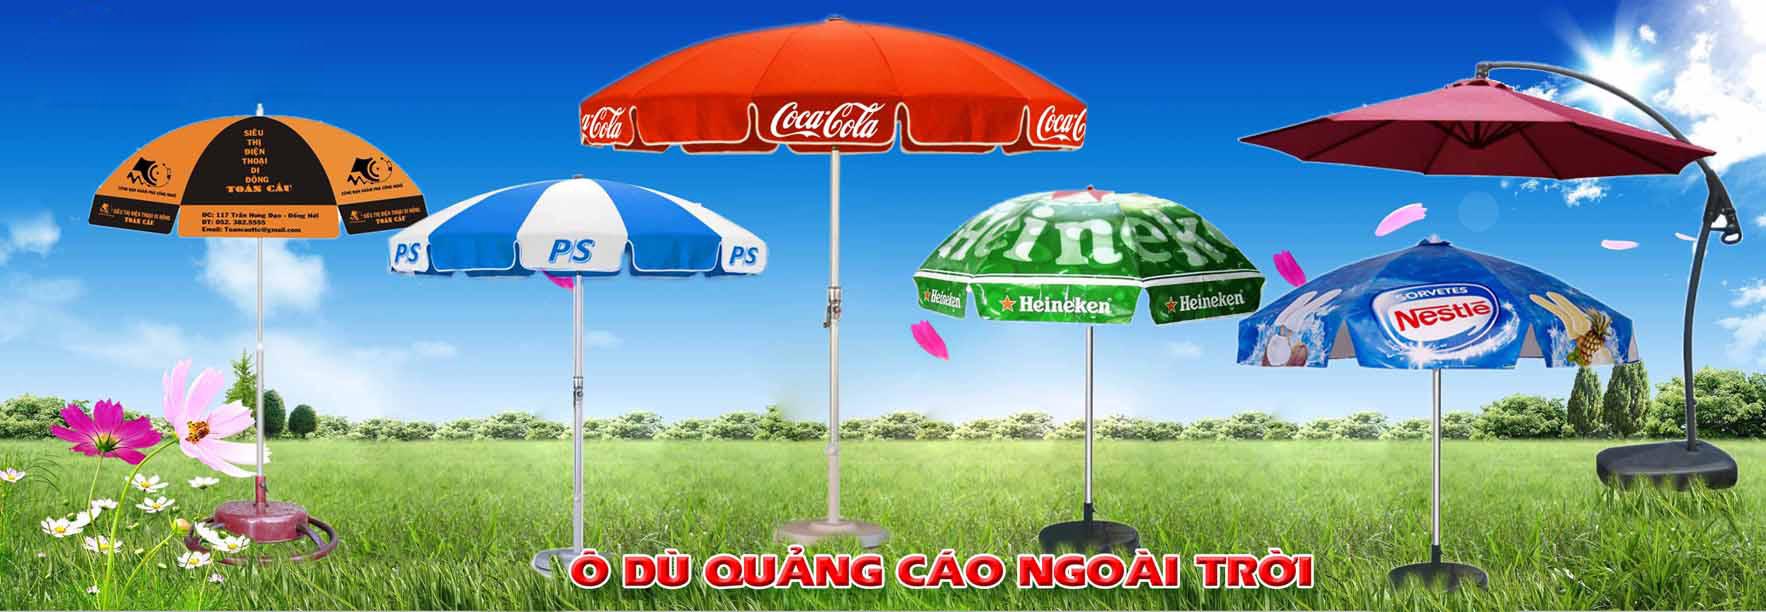 bang bao gia o du quang cao cua cong ty o du viet nam - Bảng báo giá ô dù quảng cáo của công ty ô dù Việt Nam